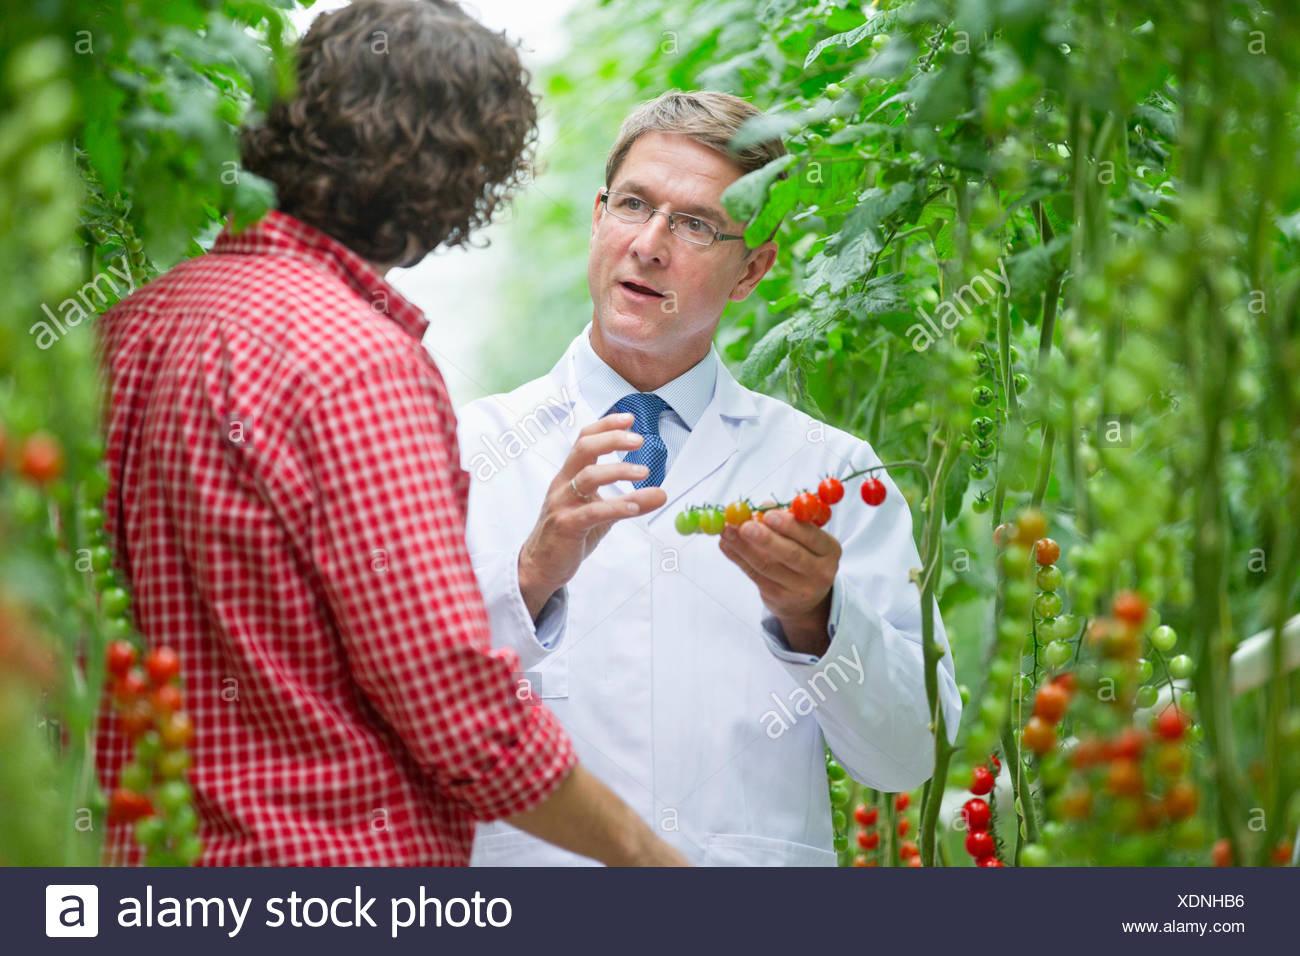 Ernährungswissenschaftler und Züchter, die Prüfung an Rebstöcken reife Tomaten Stockbild